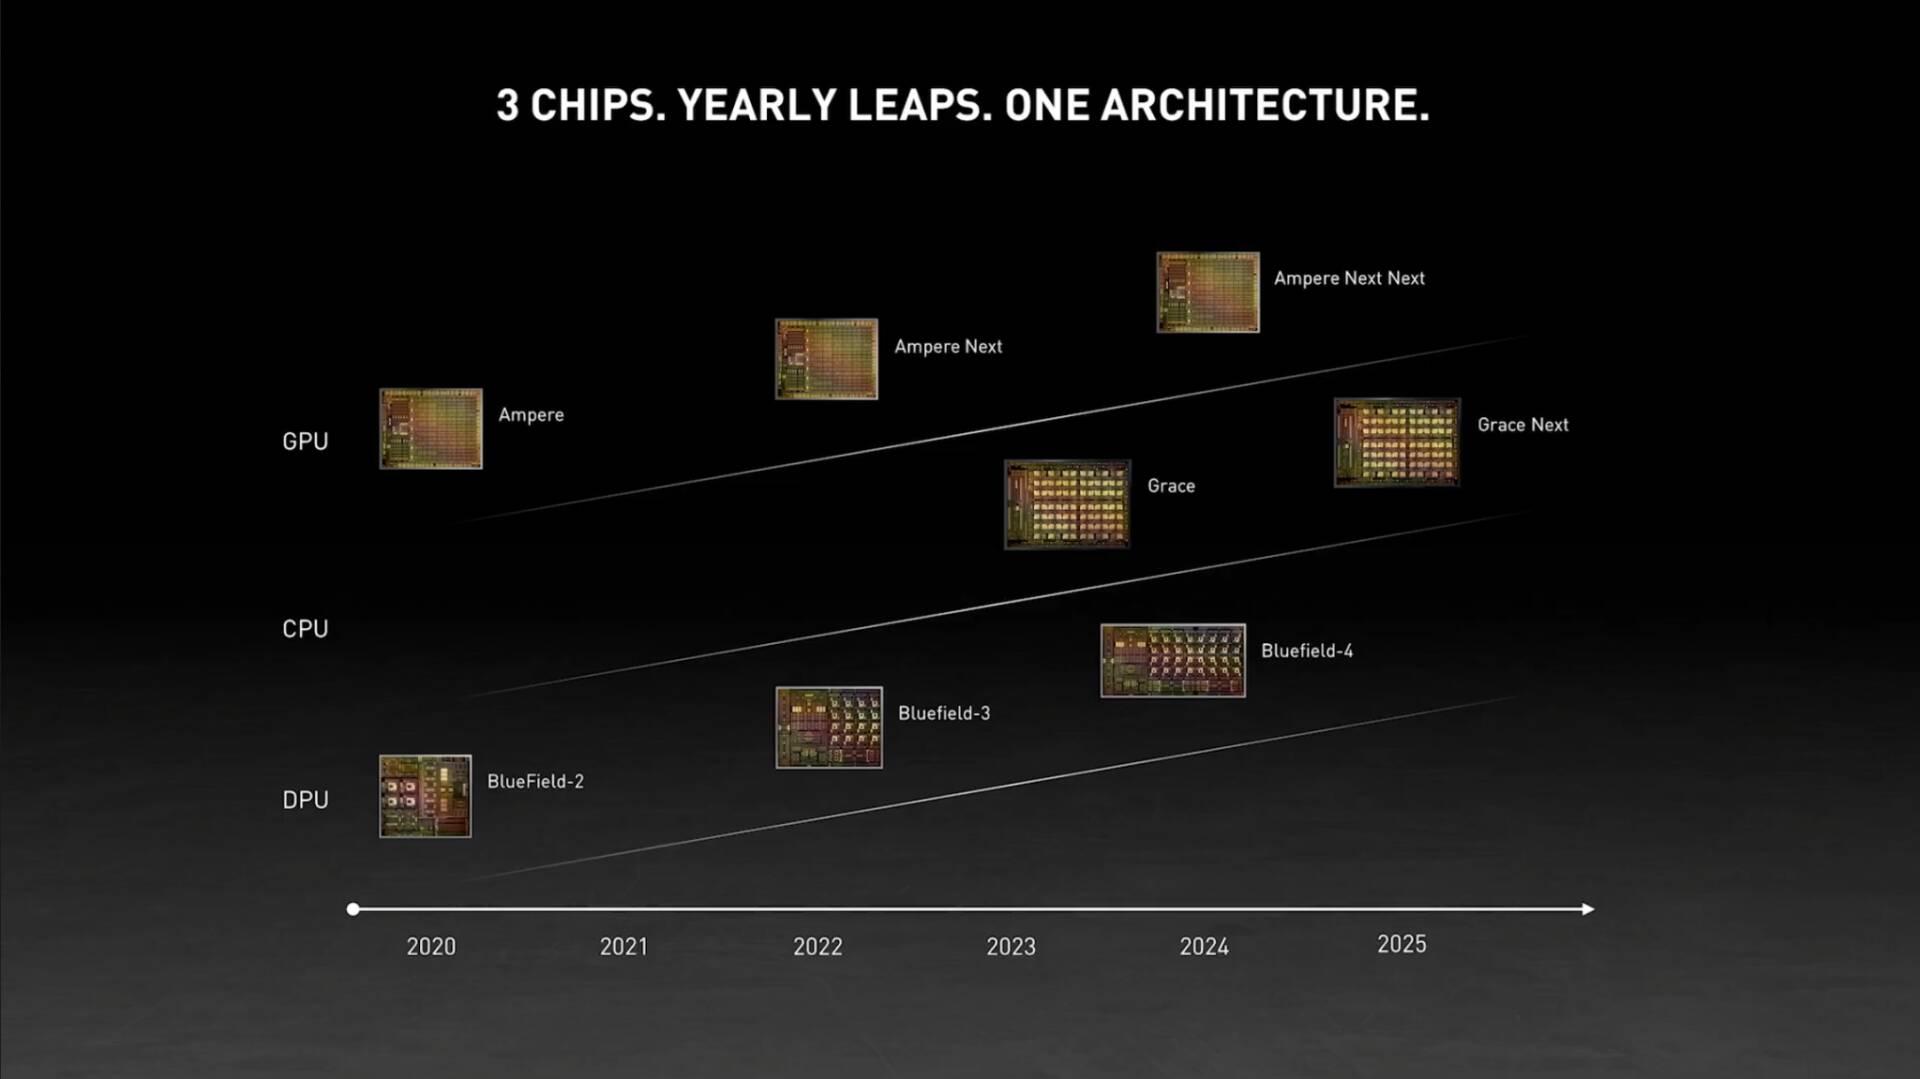 Nvidia CPU, GPU, DPU roadmap GTC 2021